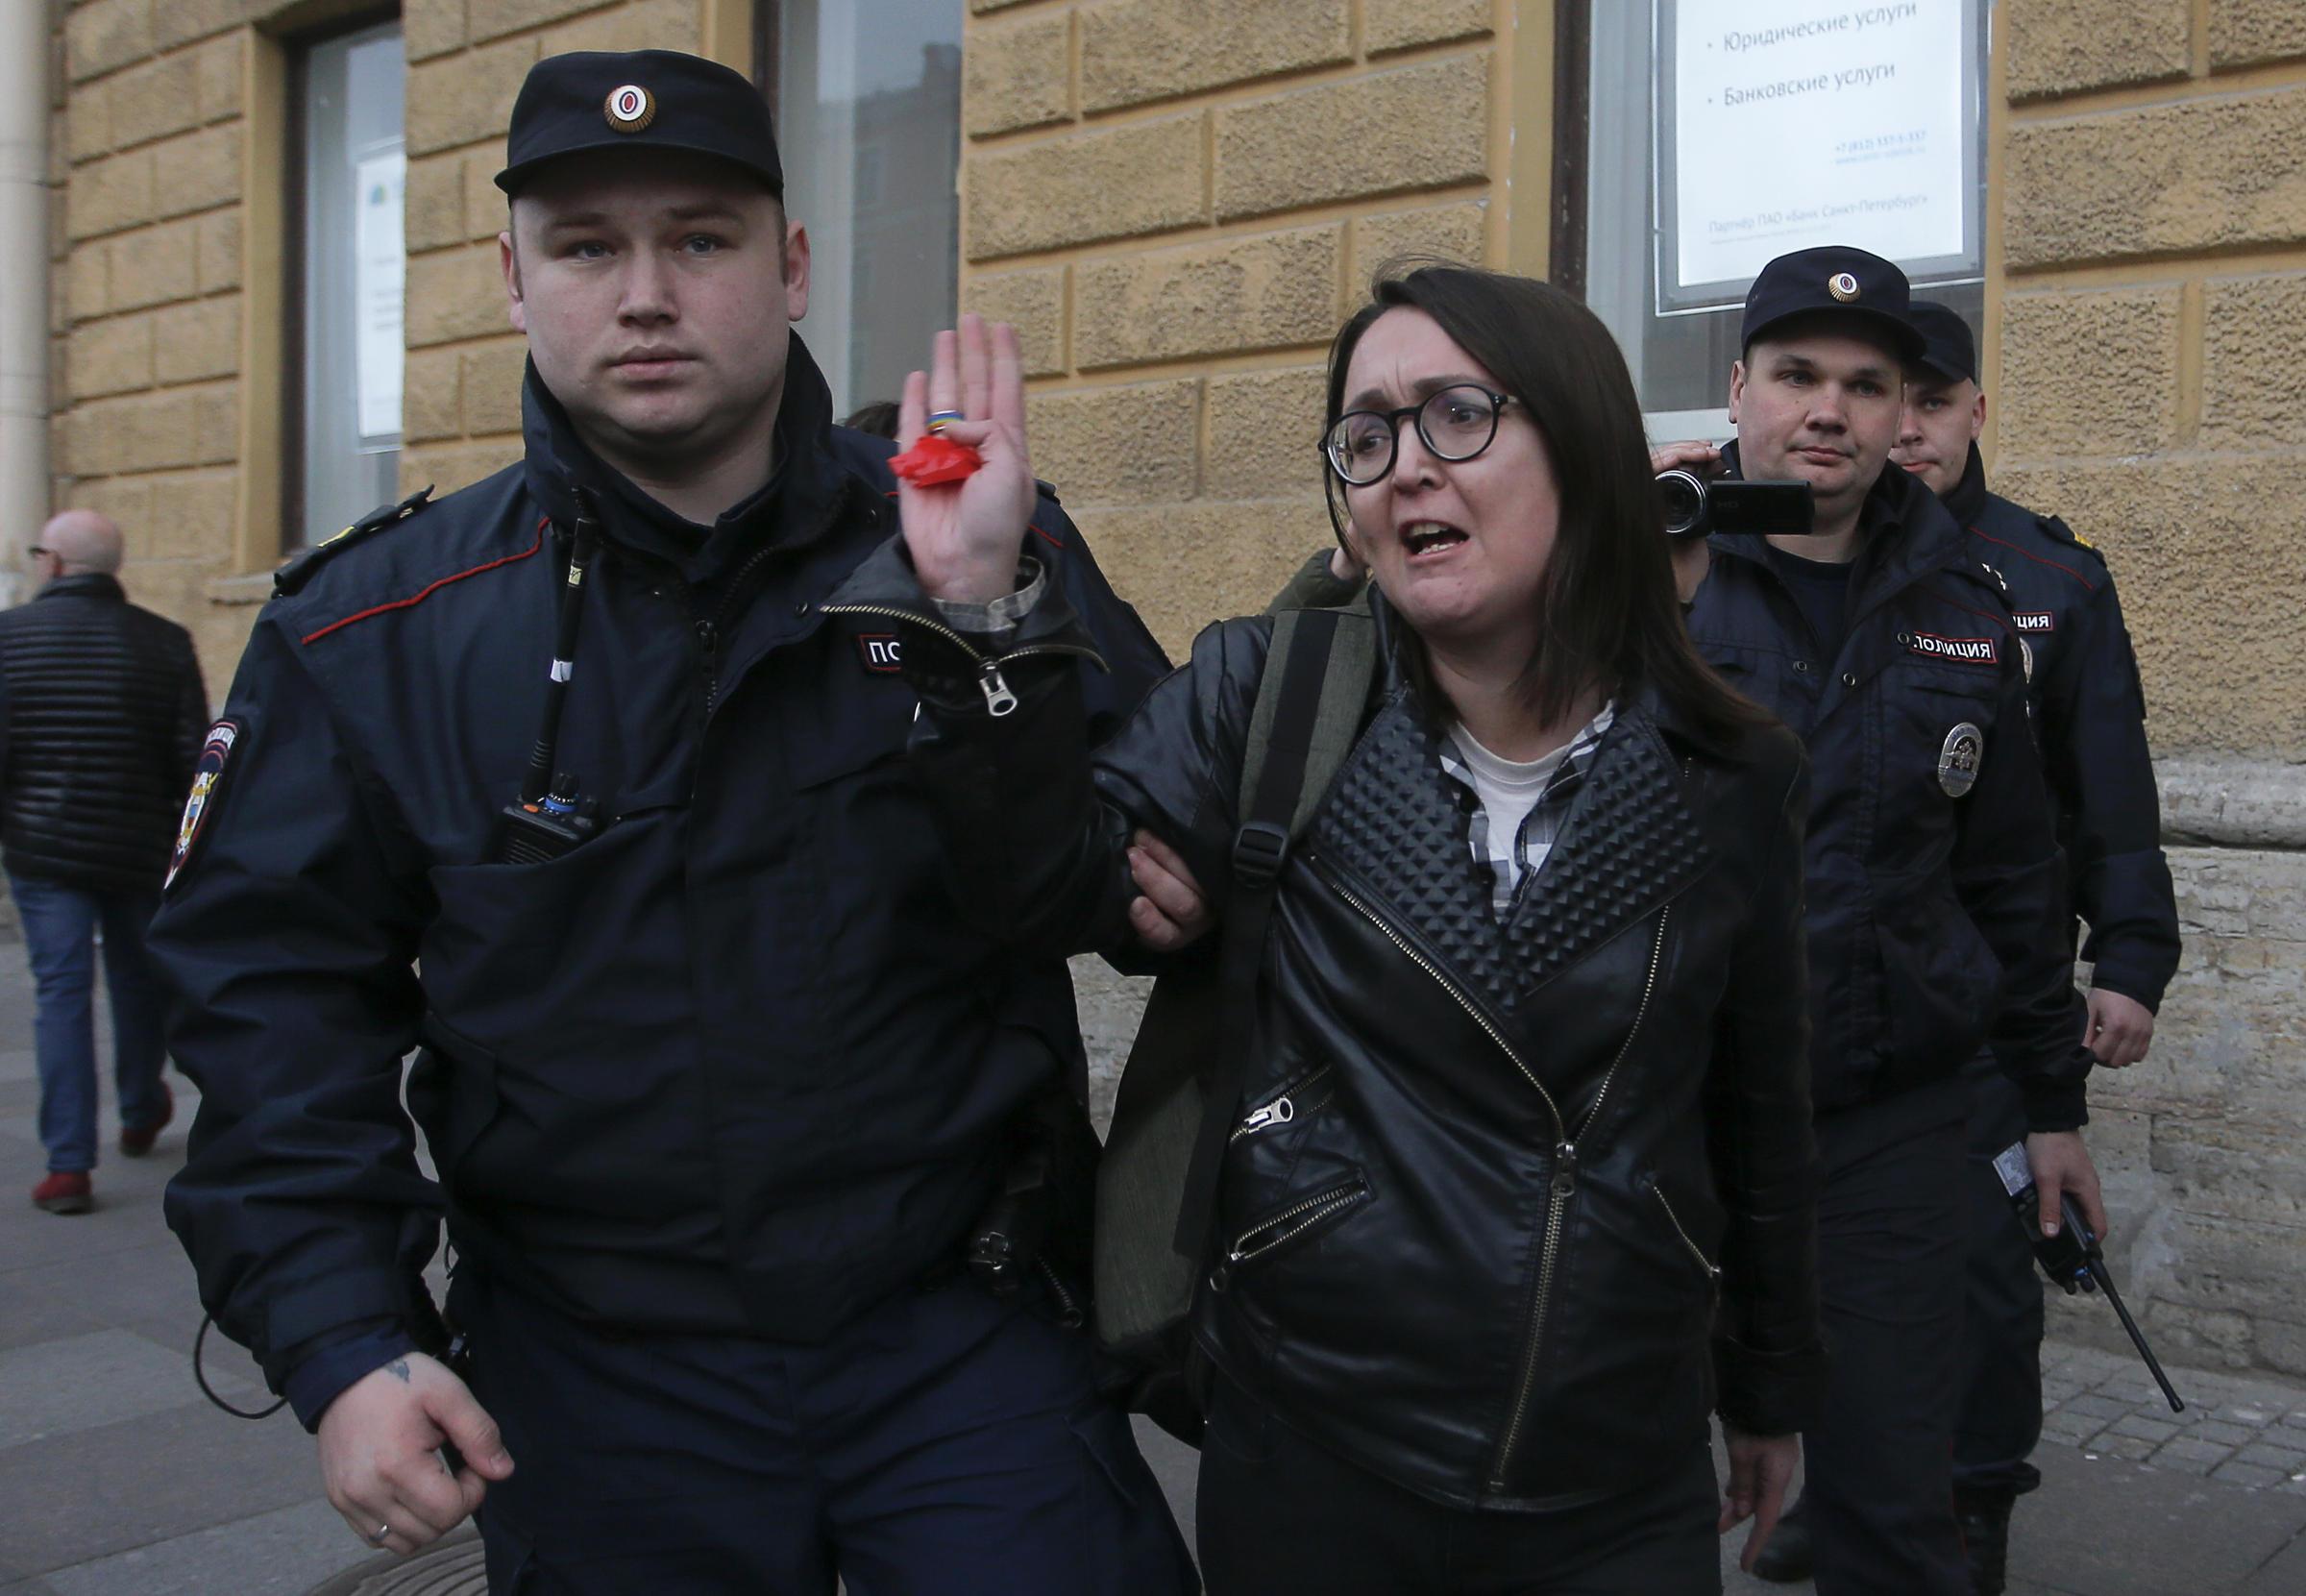 St Petersburg murder victim was 'well-known LGBT rights activist'